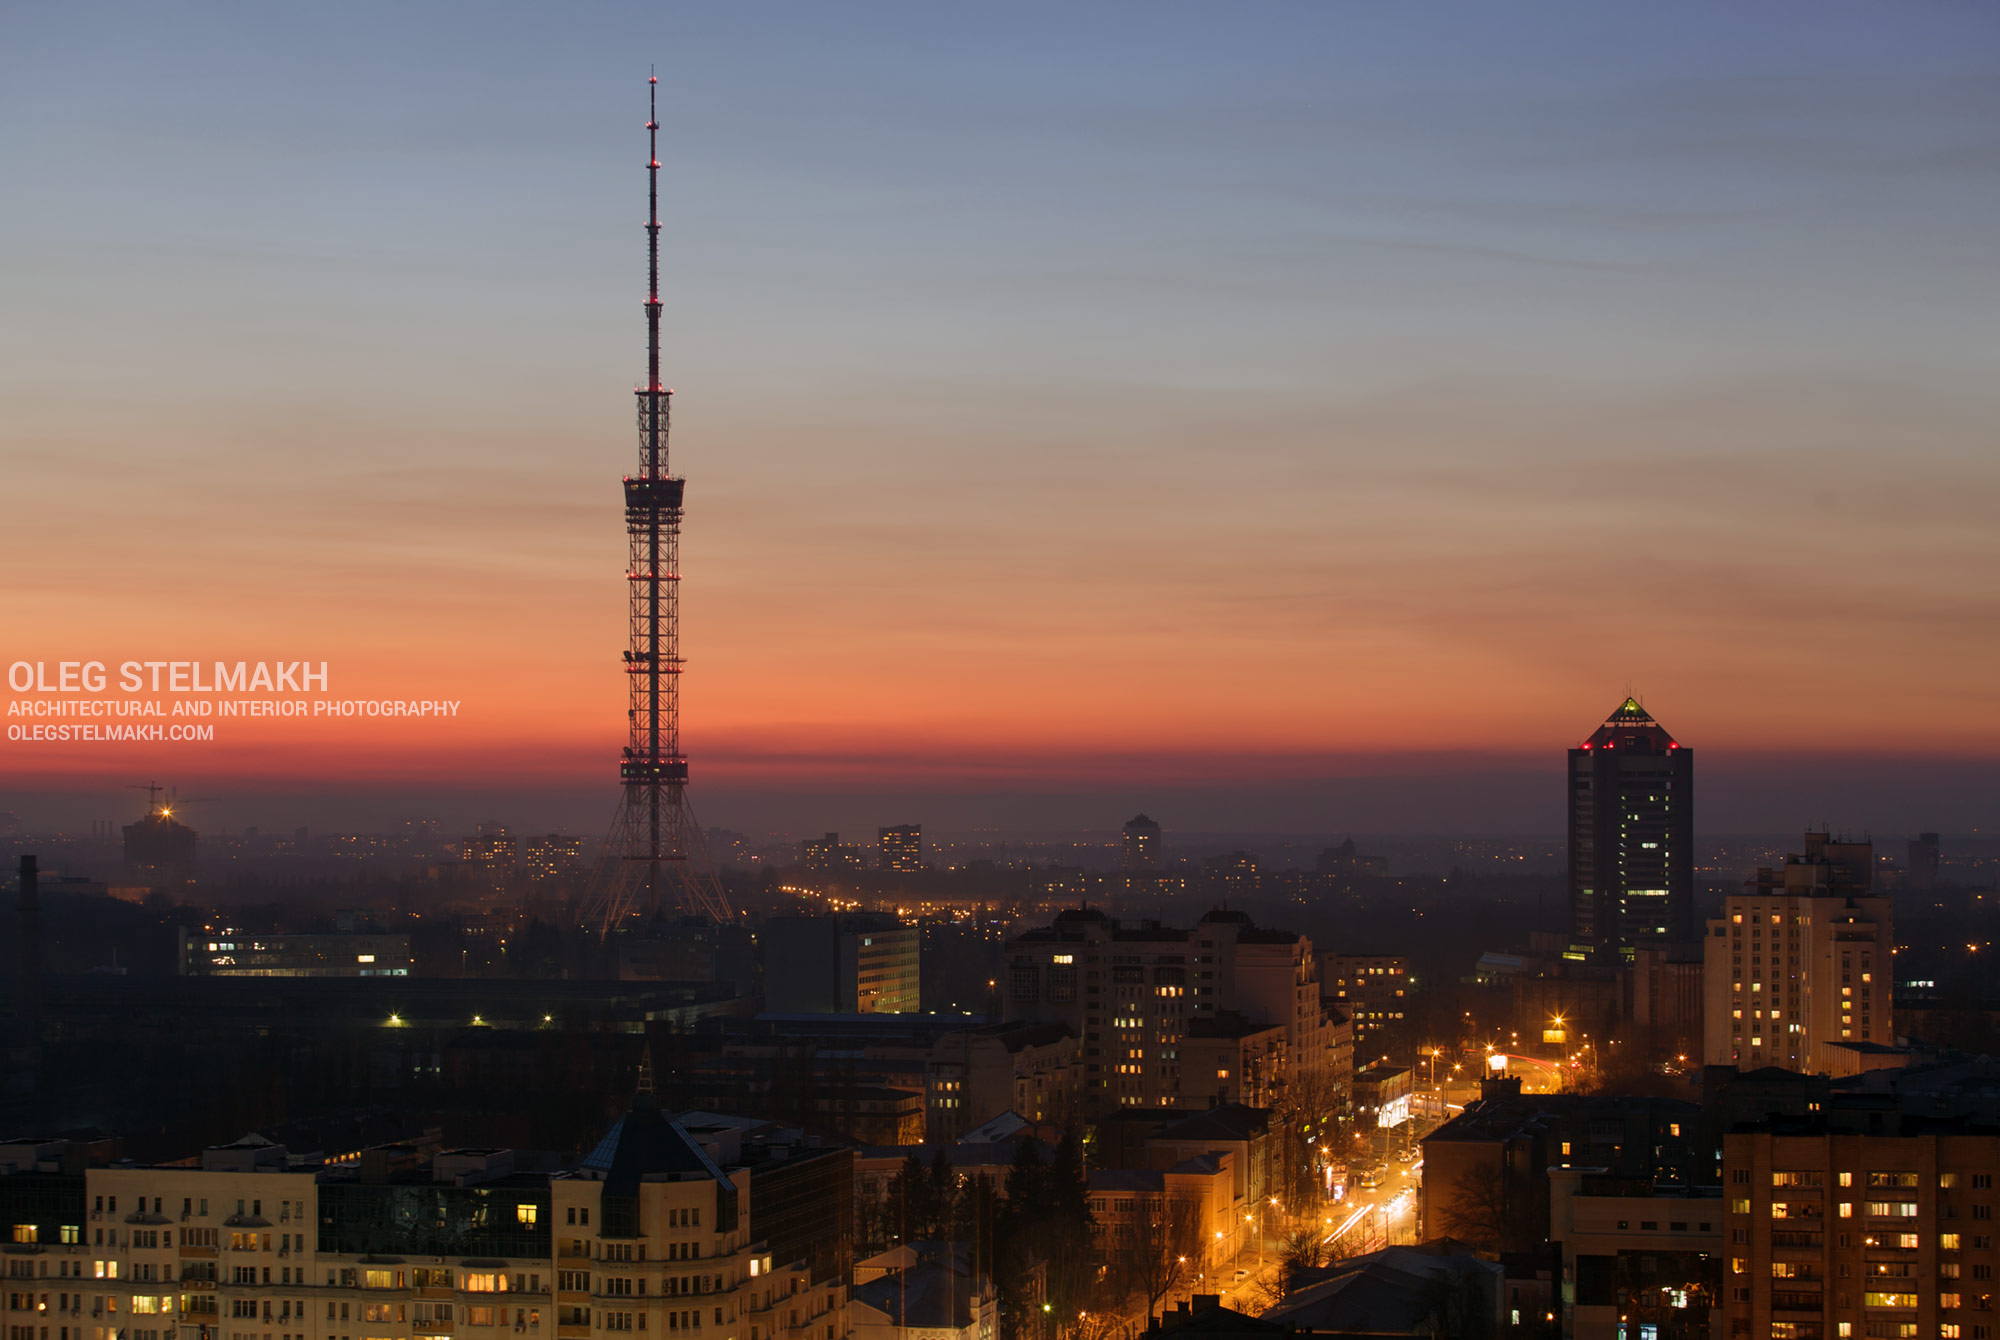 Ночной Киев. Телевизионная башня